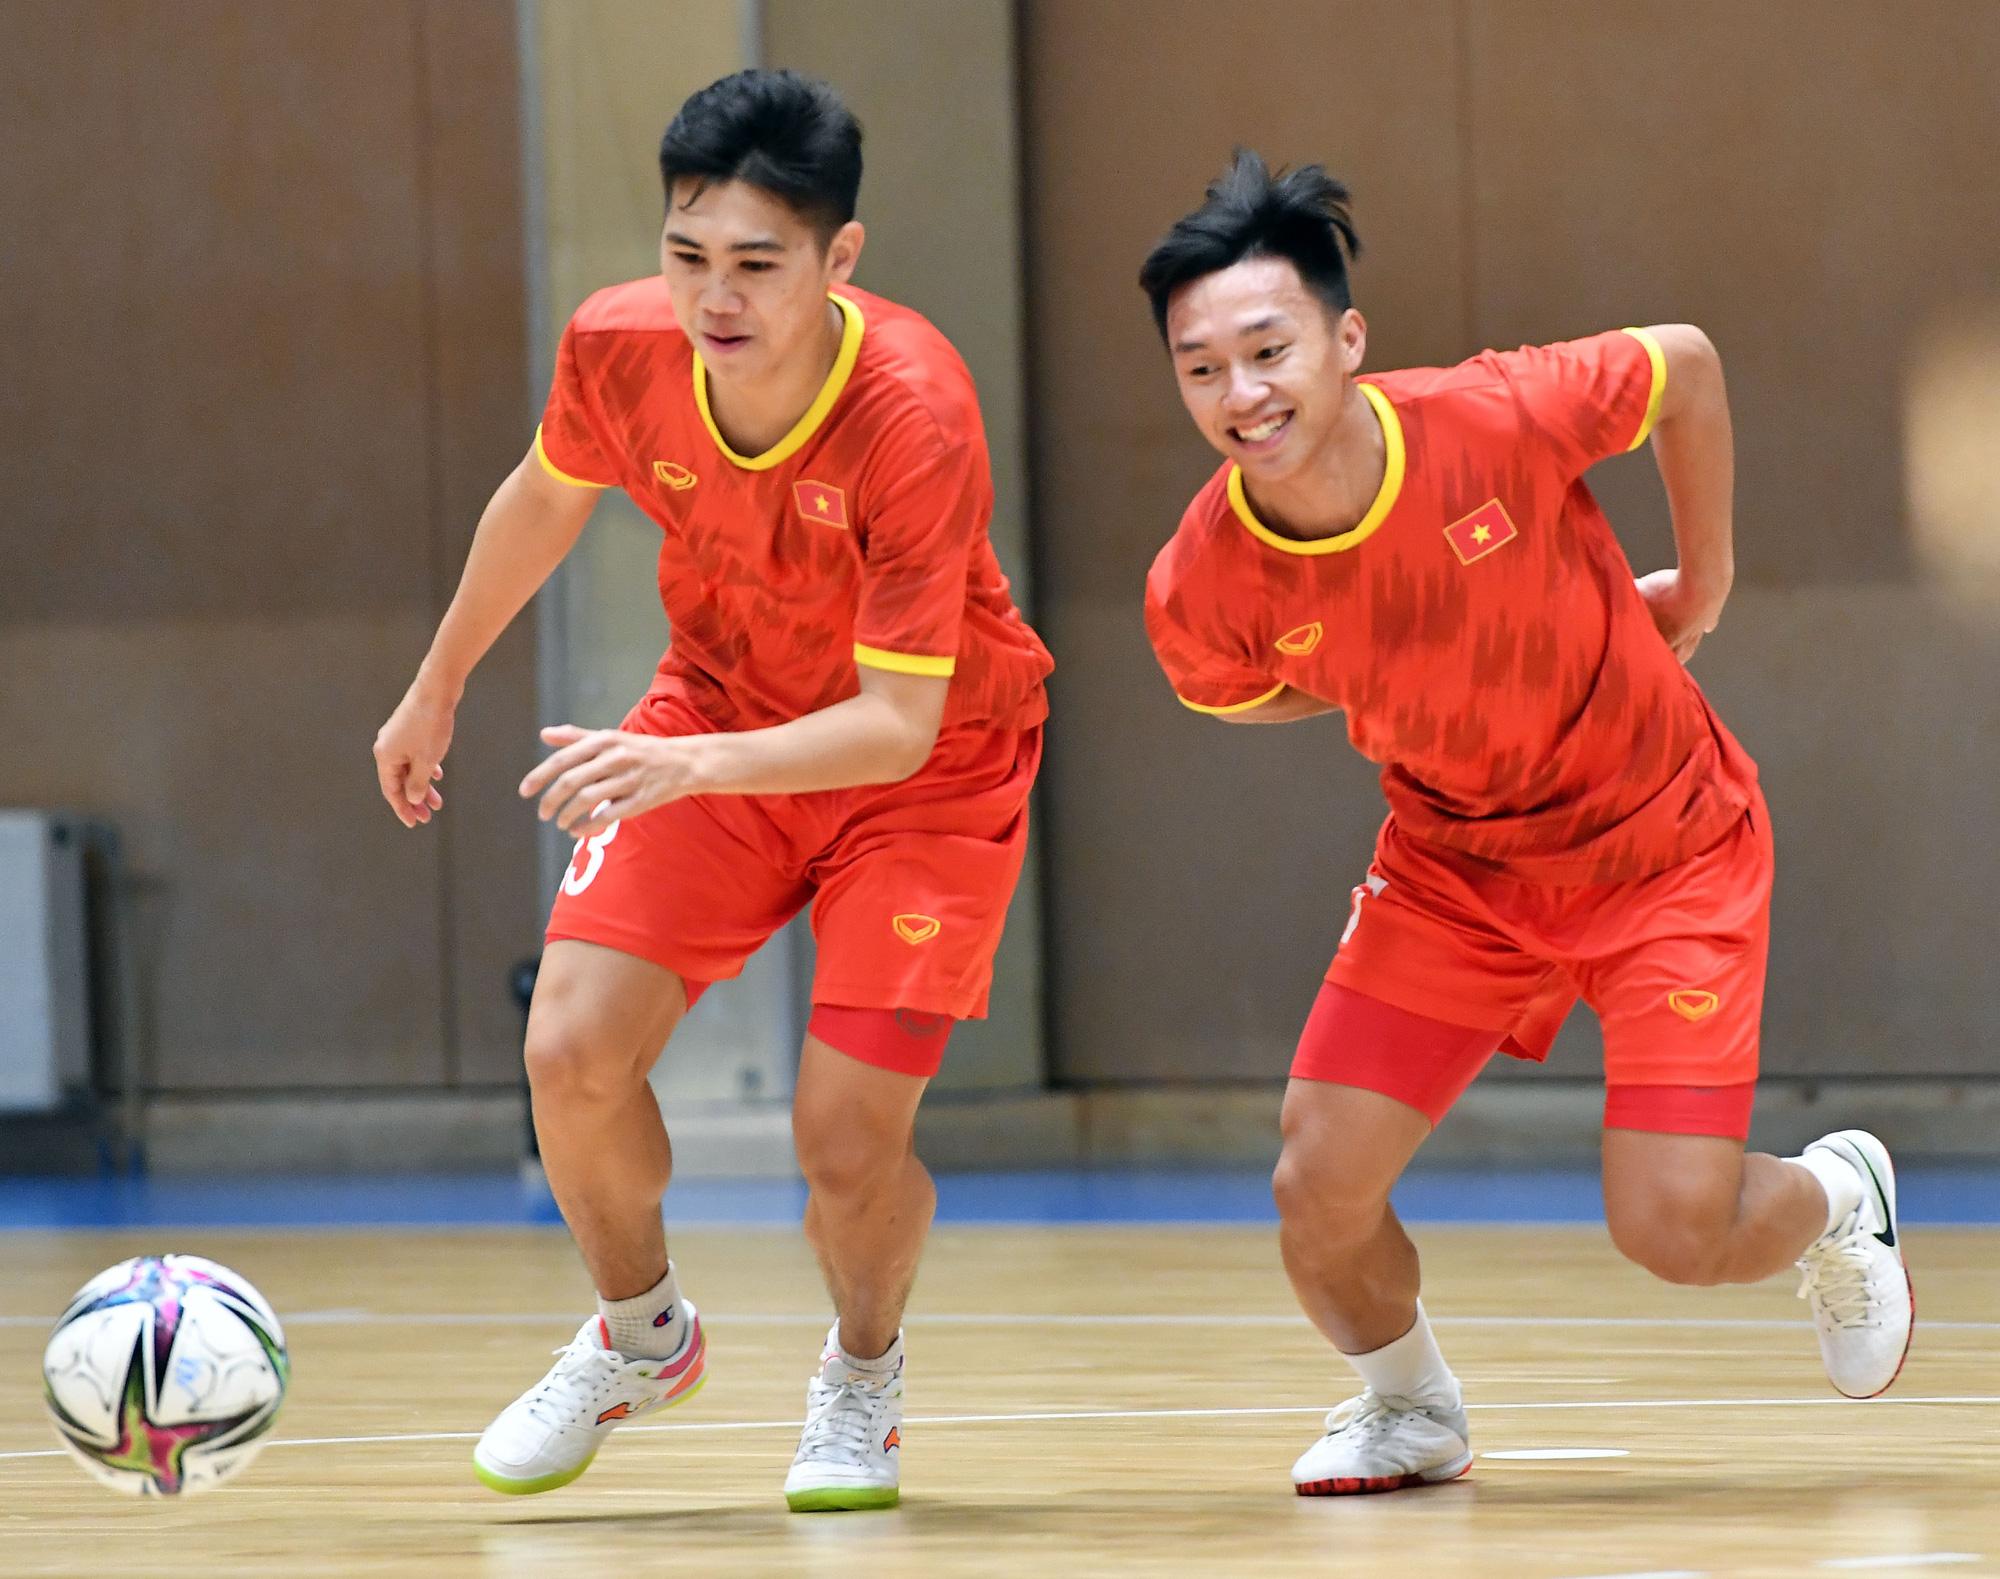 """Đội tuyển futsal Việt Nam: """"Hứa giành kết quả tốt để làm món quà tinh thần cho người hâm mộ vượt qua dịch bệnh"""" - Ảnh 2."""